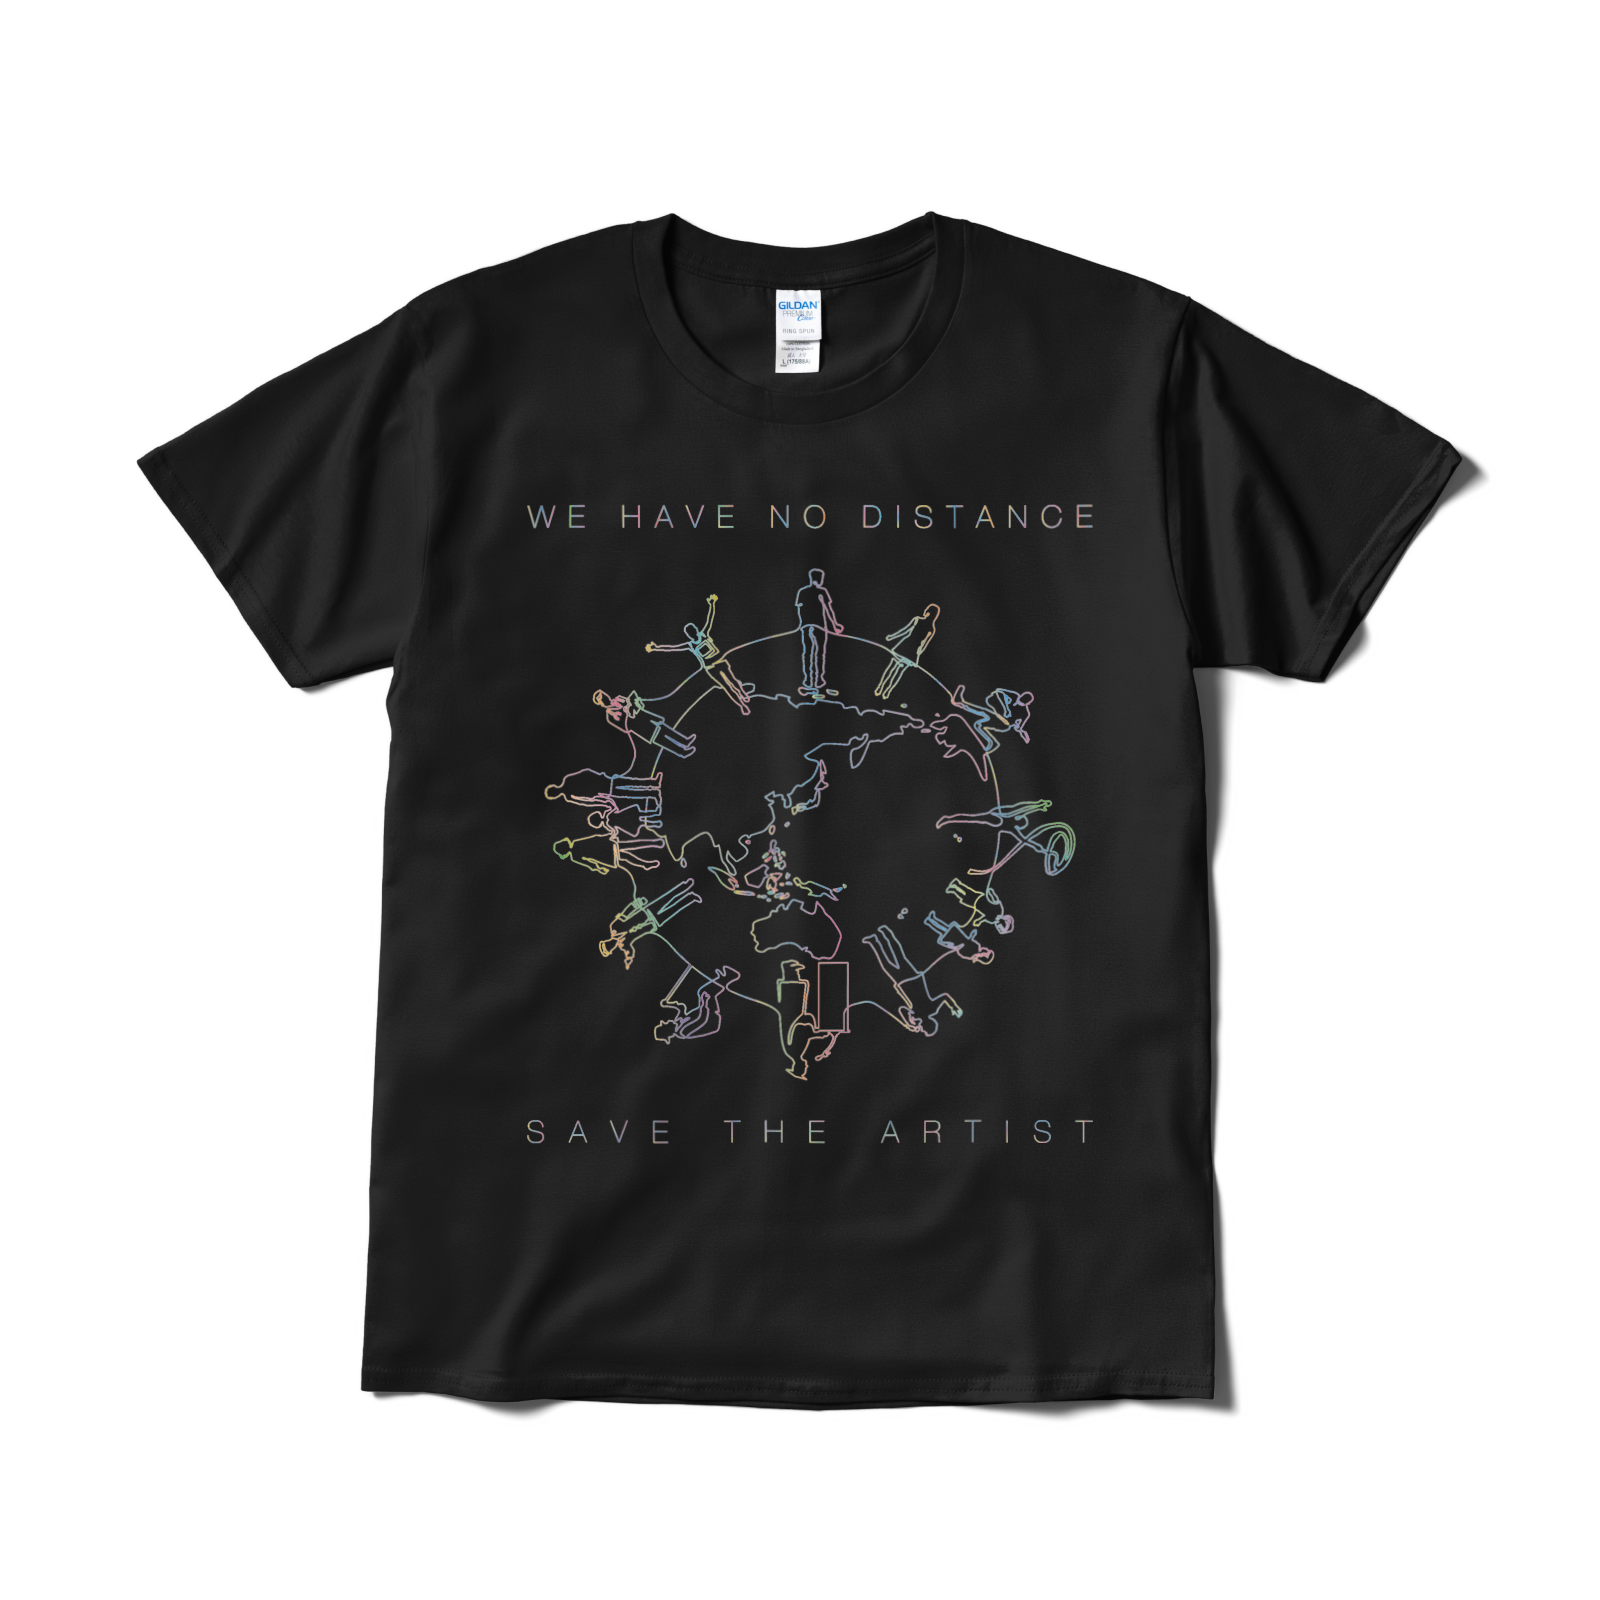 【見れるTシャツ】「WE HAVE NO DISTANCE」ブラック(送料無料)